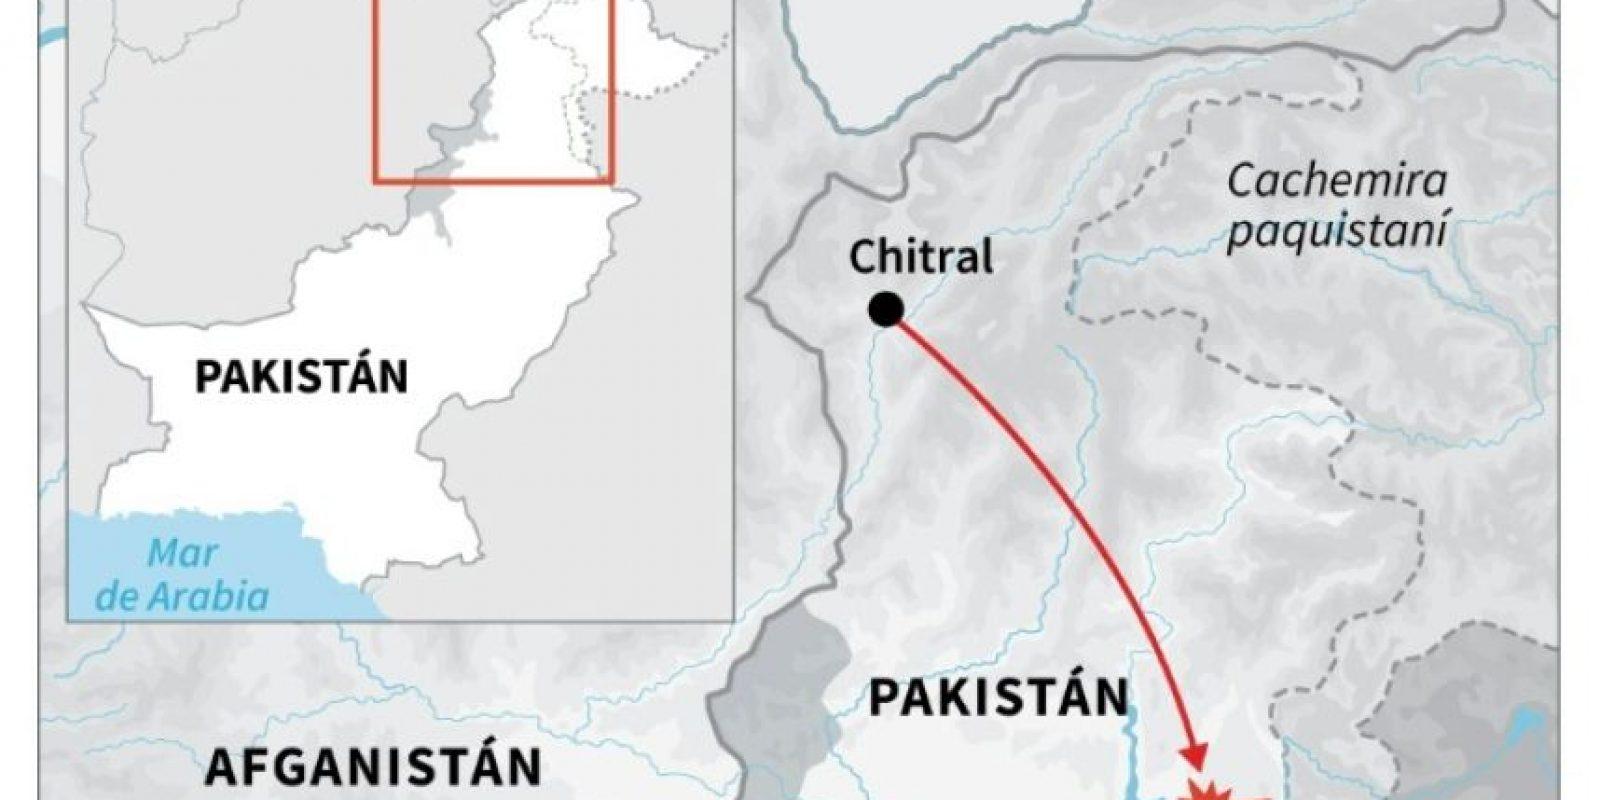 Pakistán: cae un avión con 48 personas a bordo Foto:Sophie RAMIS, Simon MALFATTO/afp.com